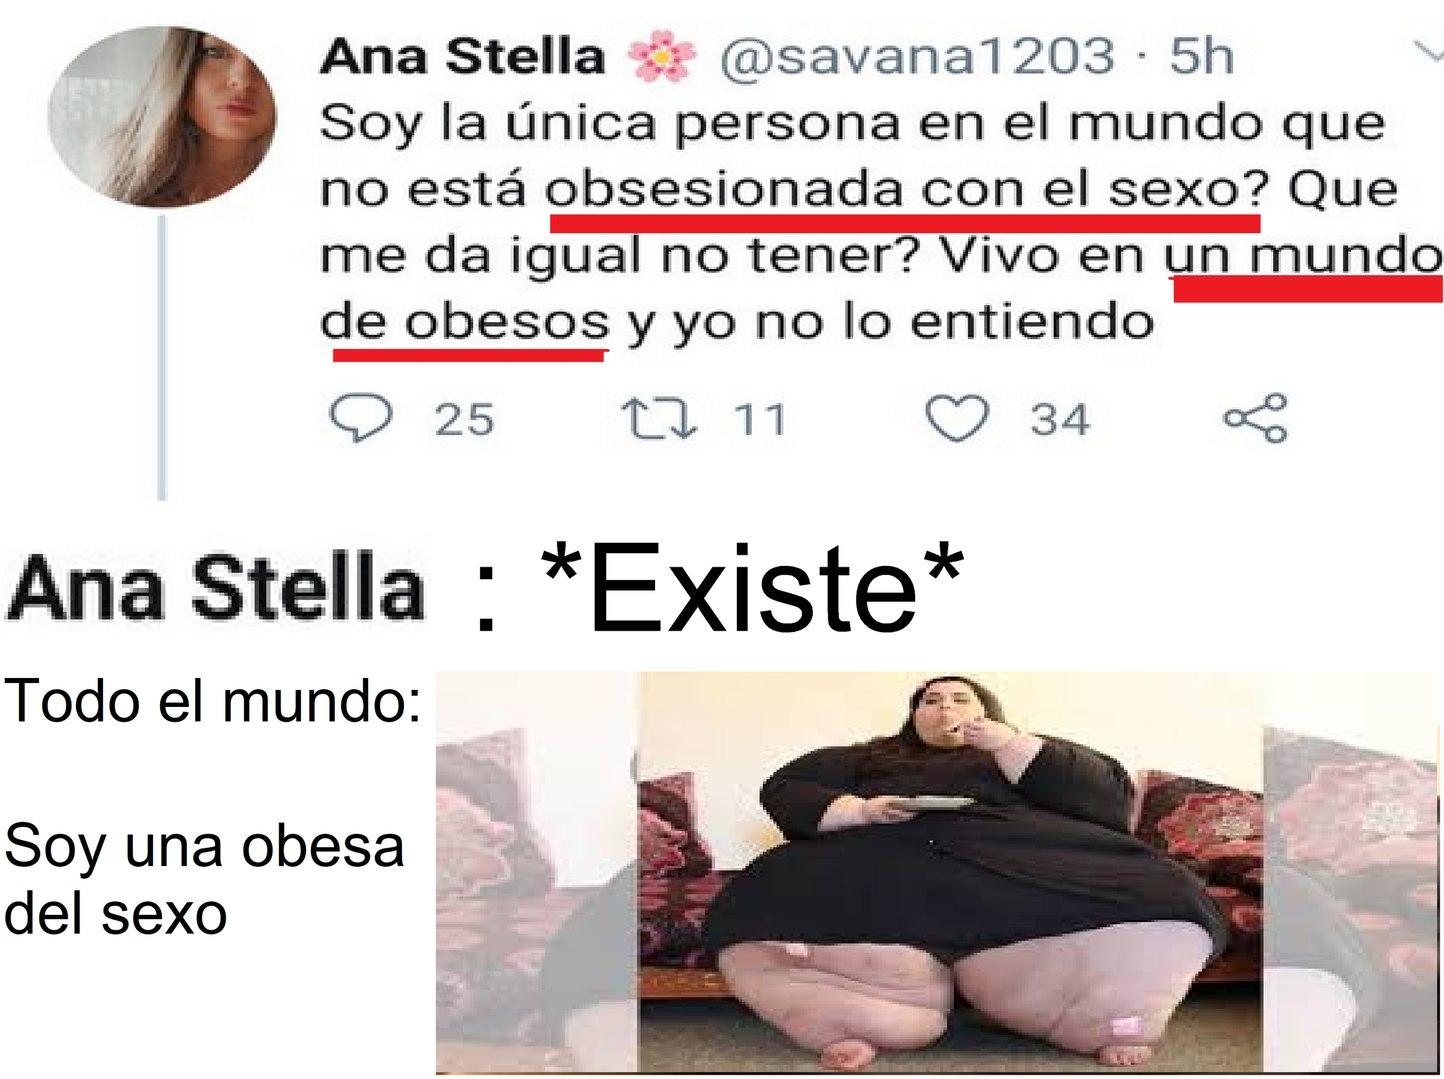 obesos del sexo - meme